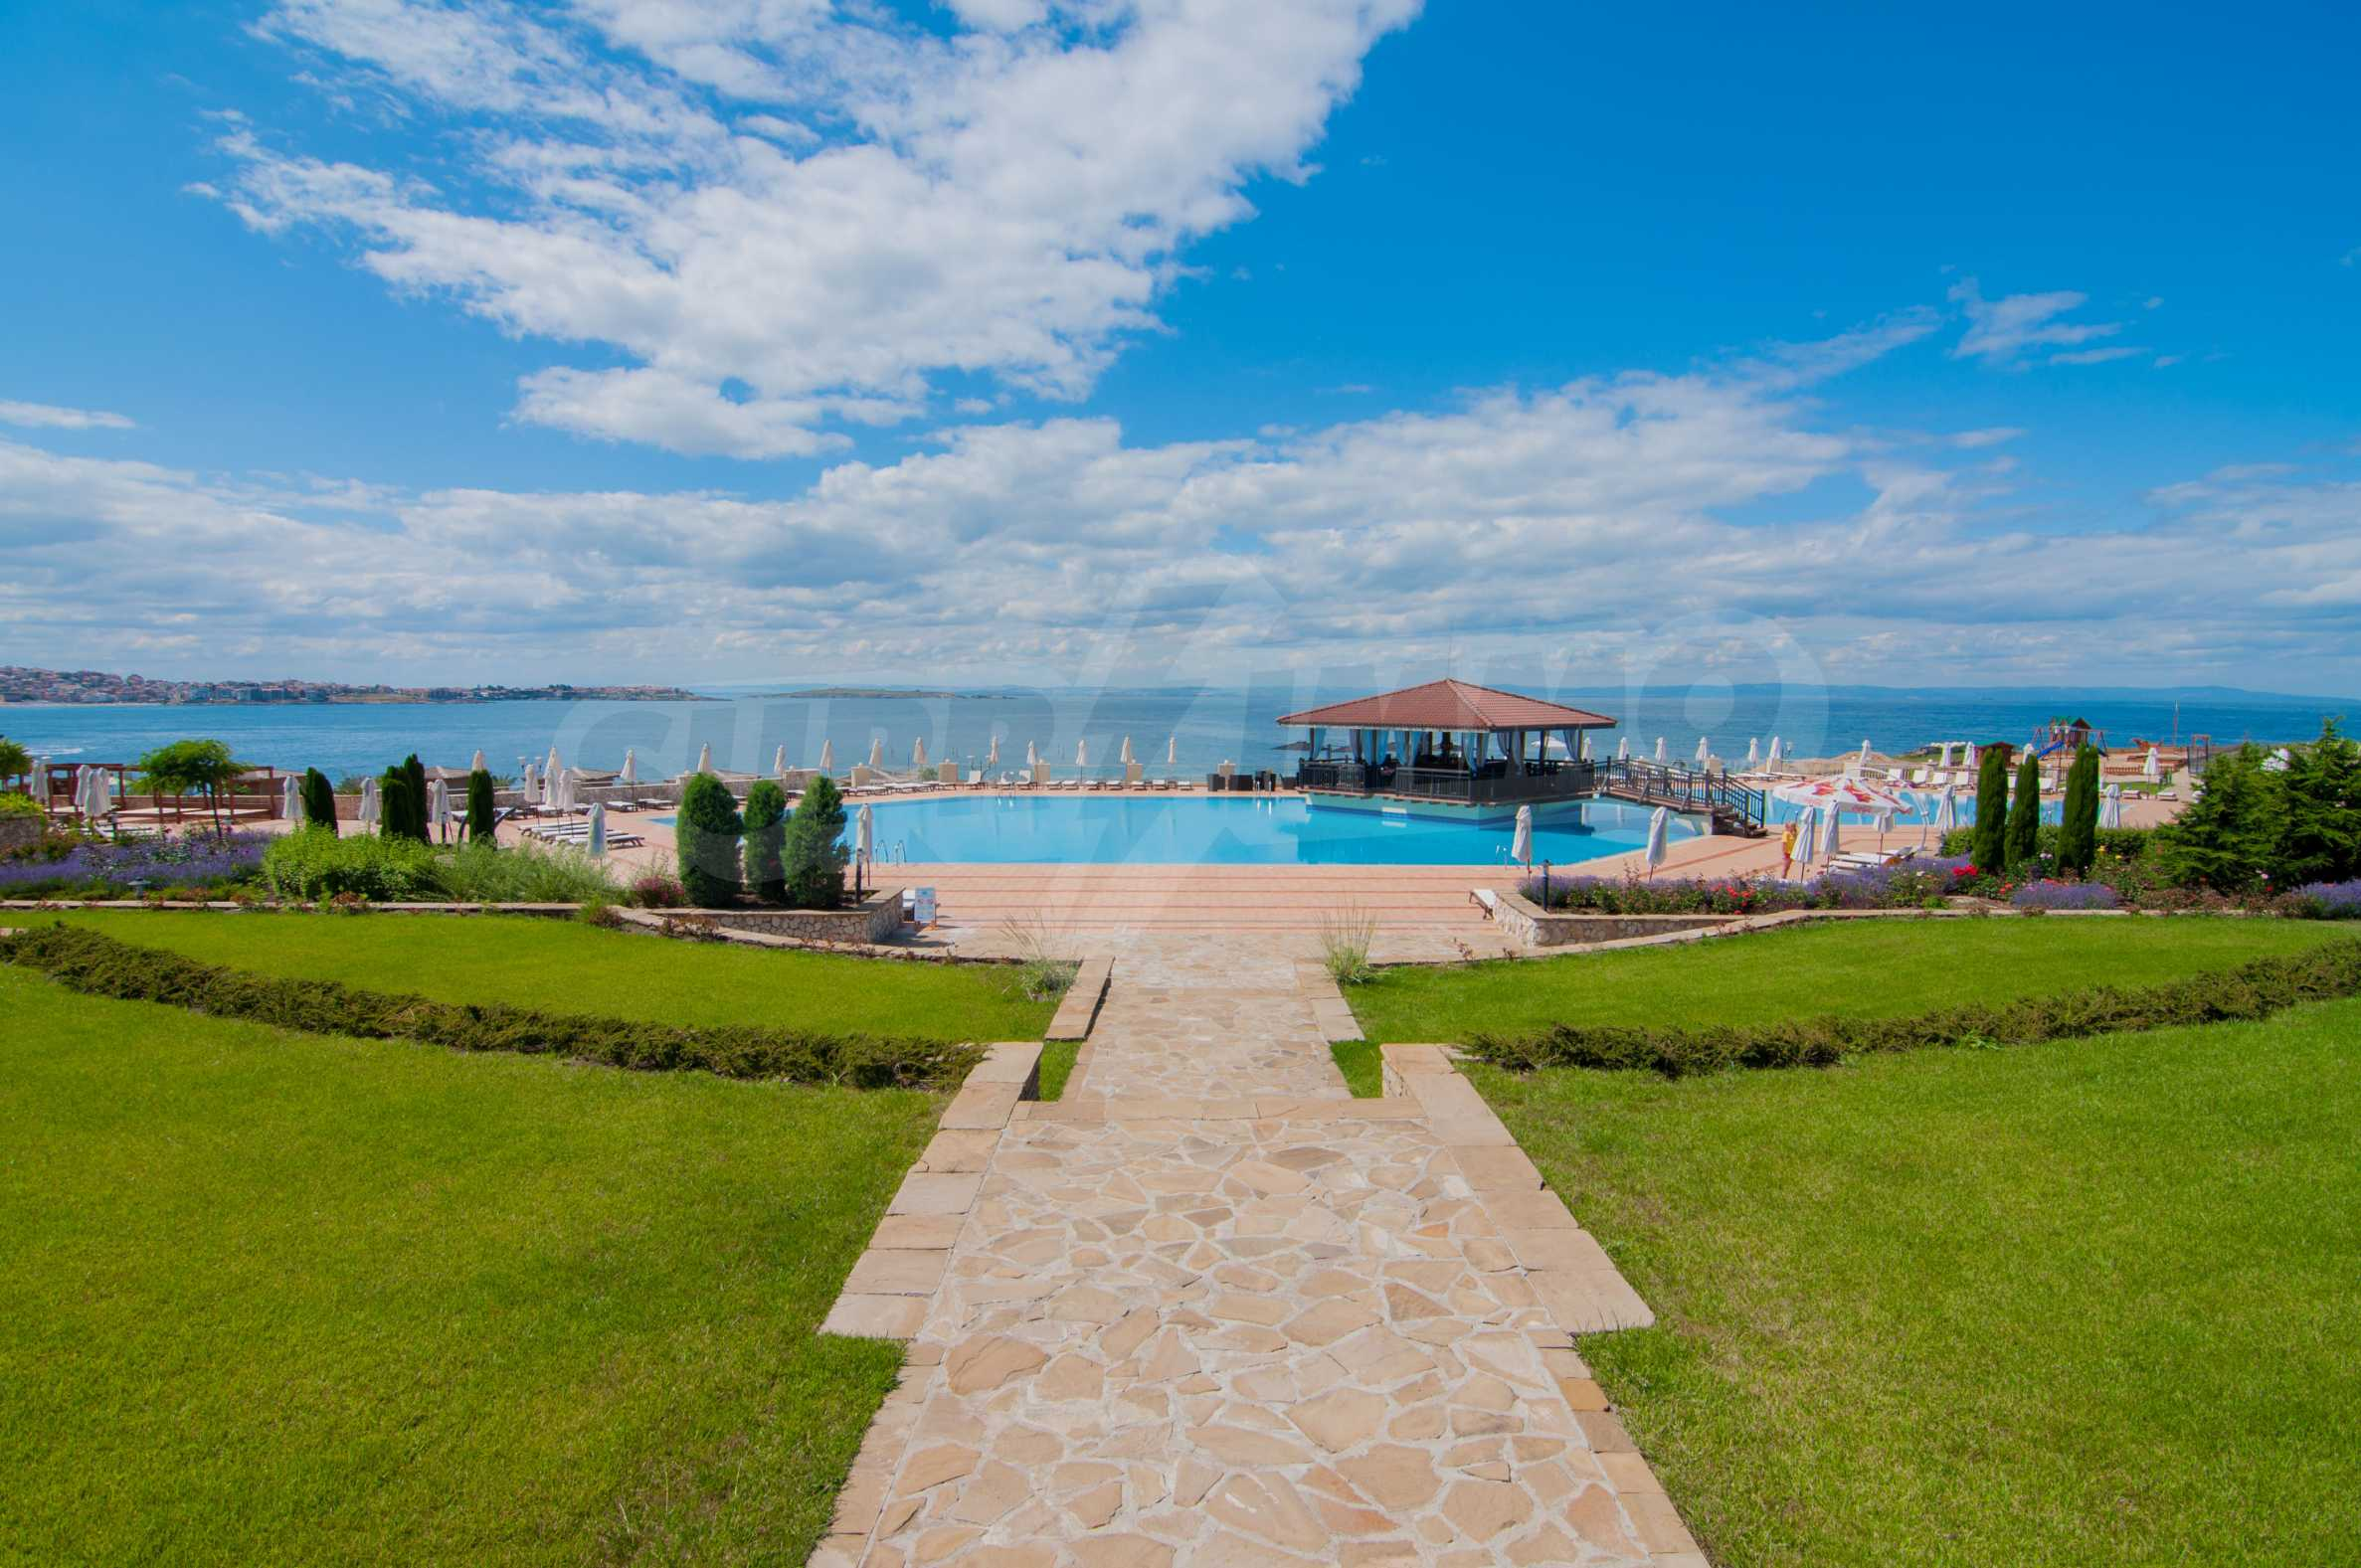 Созополис - уникальный прибрежный комплекс вблизи Созополя 53